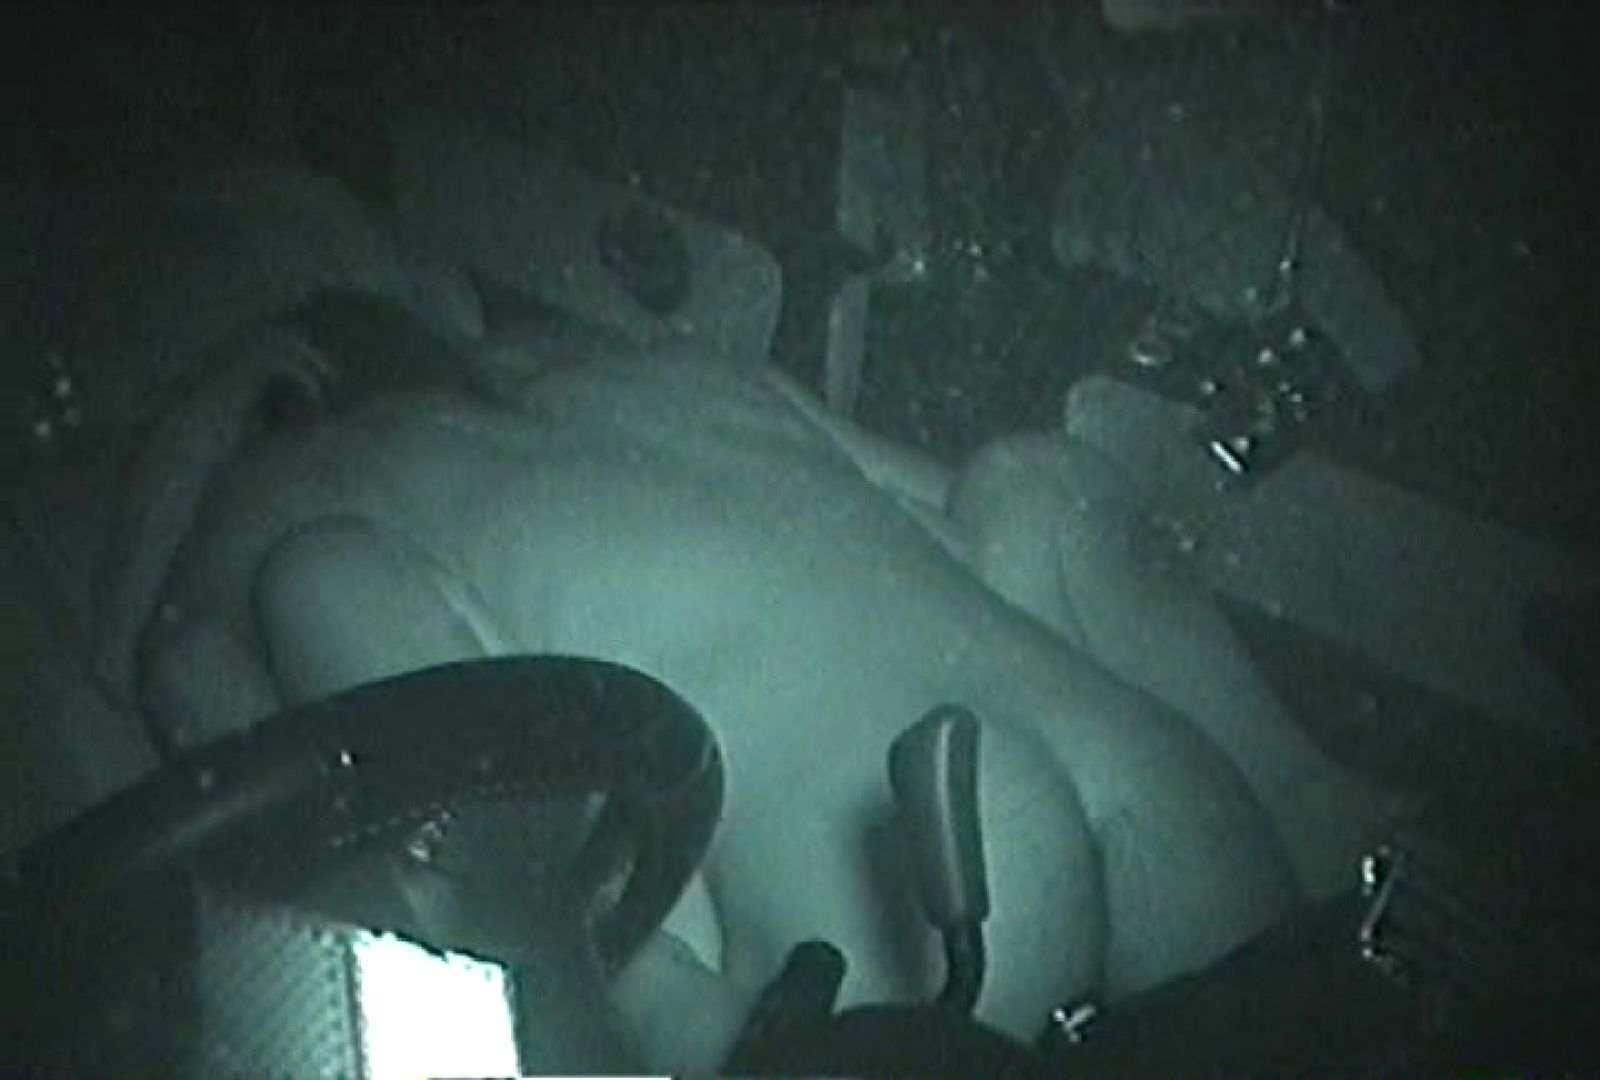 充血監督の深夜の運動会Vol.55 車中はめどり SEX無修正画像 94画像 84